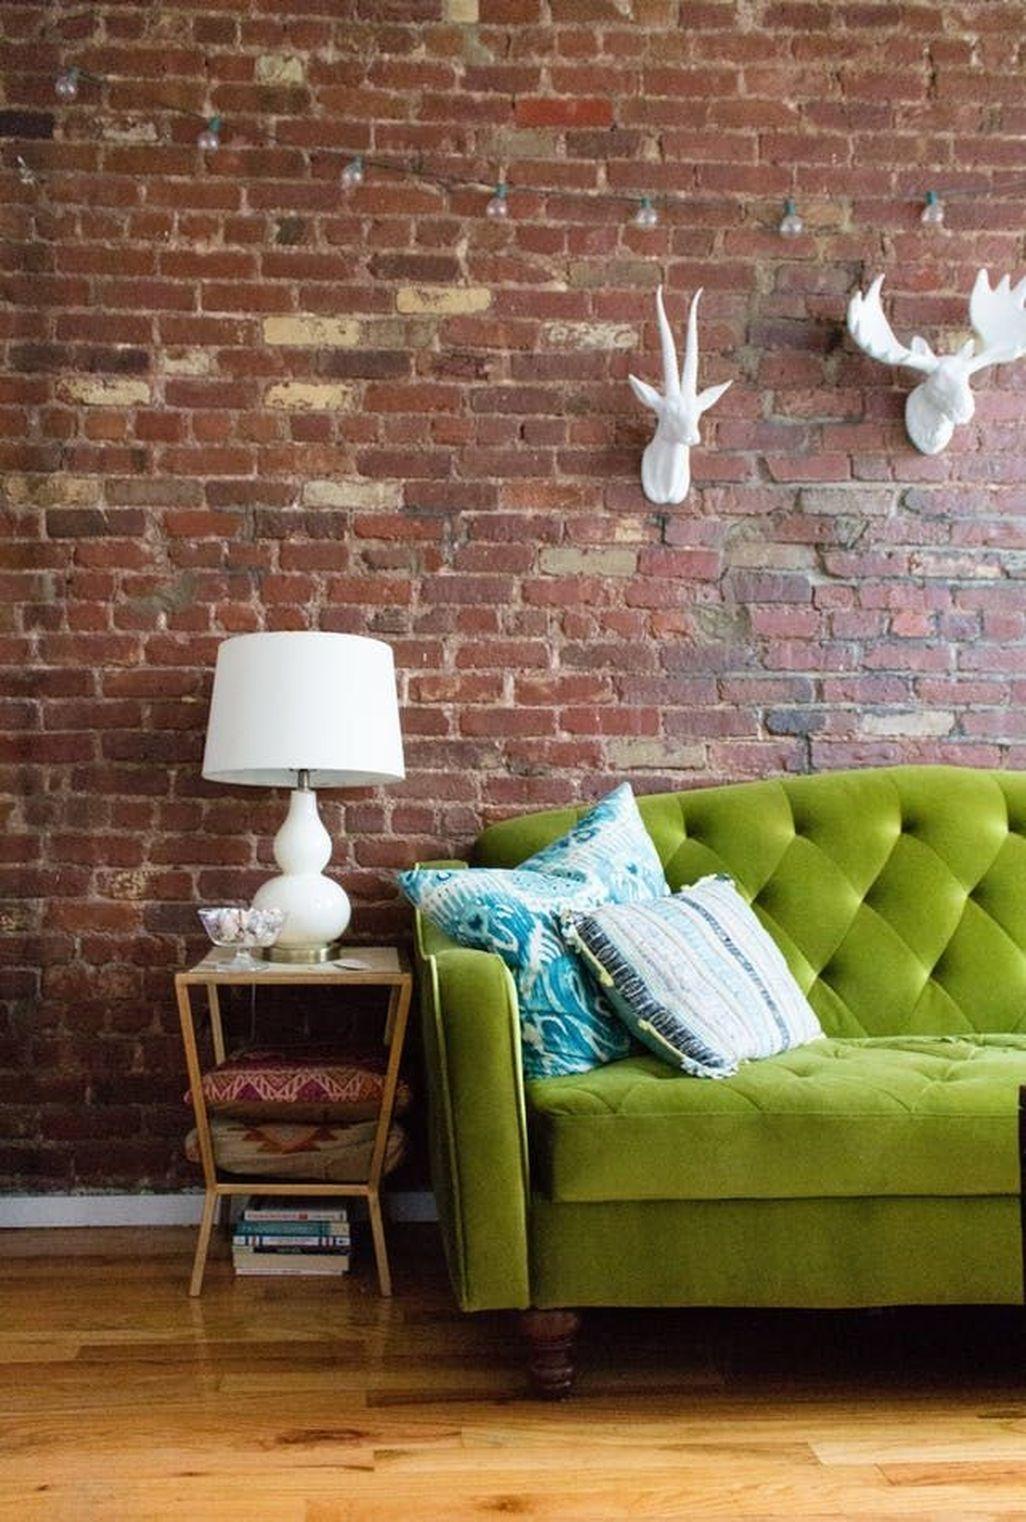 Elegant Exposed Brick Apartment Décor Ideas 36